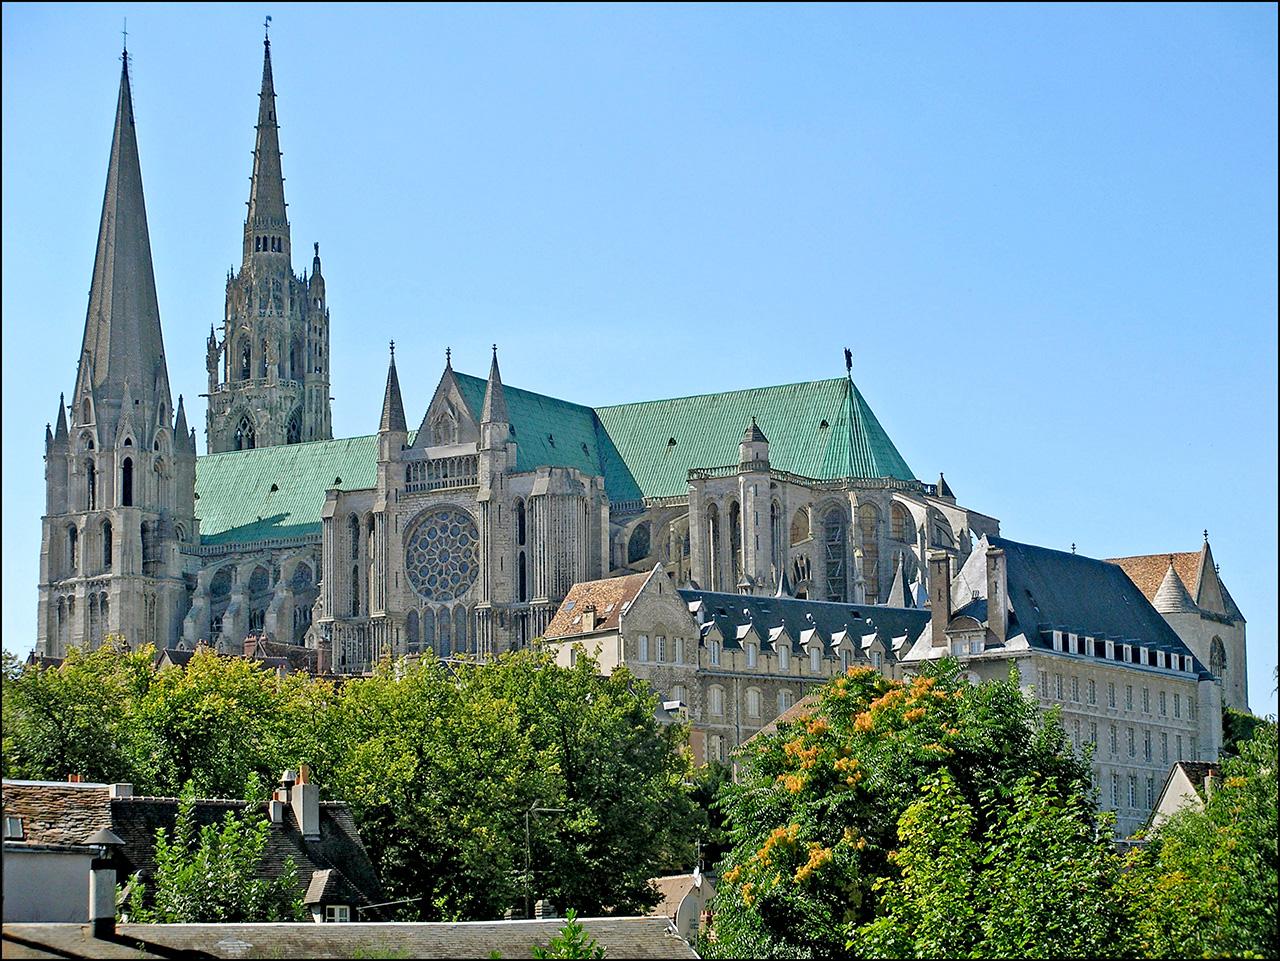 mjesto za upoznavanje katoličke crkve pronađi brzo kuka